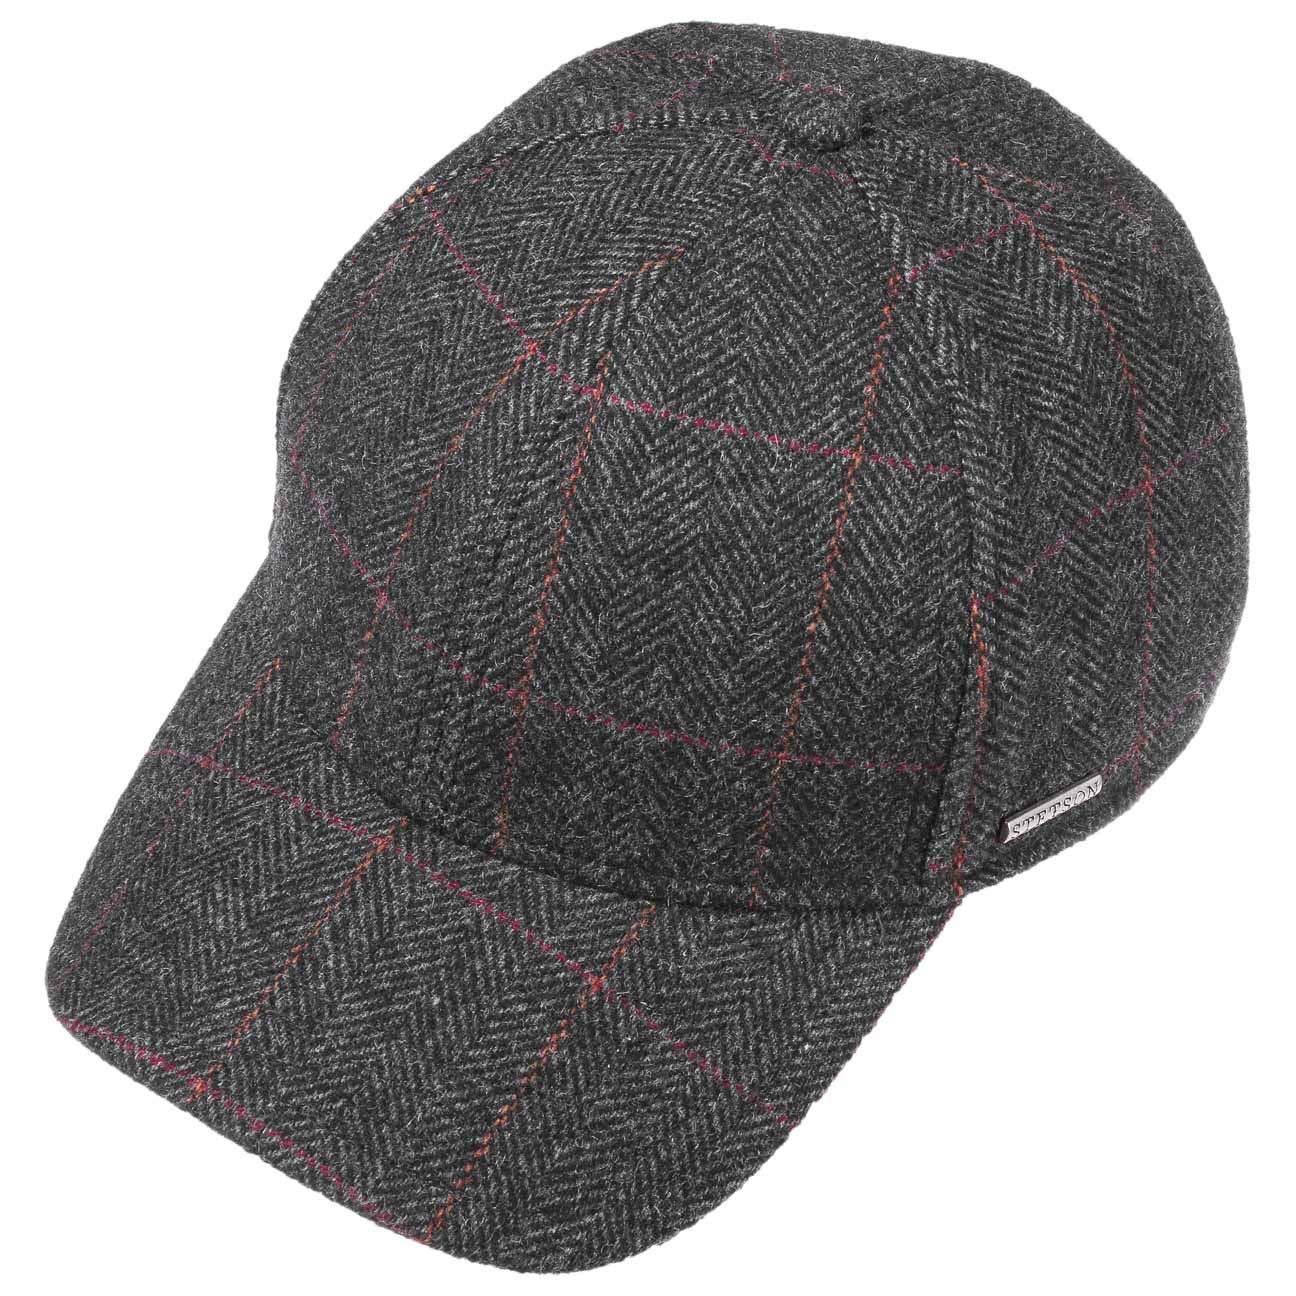 Stetson Cappellino con Paraorecchie Kinty Uomo Fodera Autunno//Inverno Baseball cap Cappello Invernale da Chiuso Dietro Visiera paraorecchie